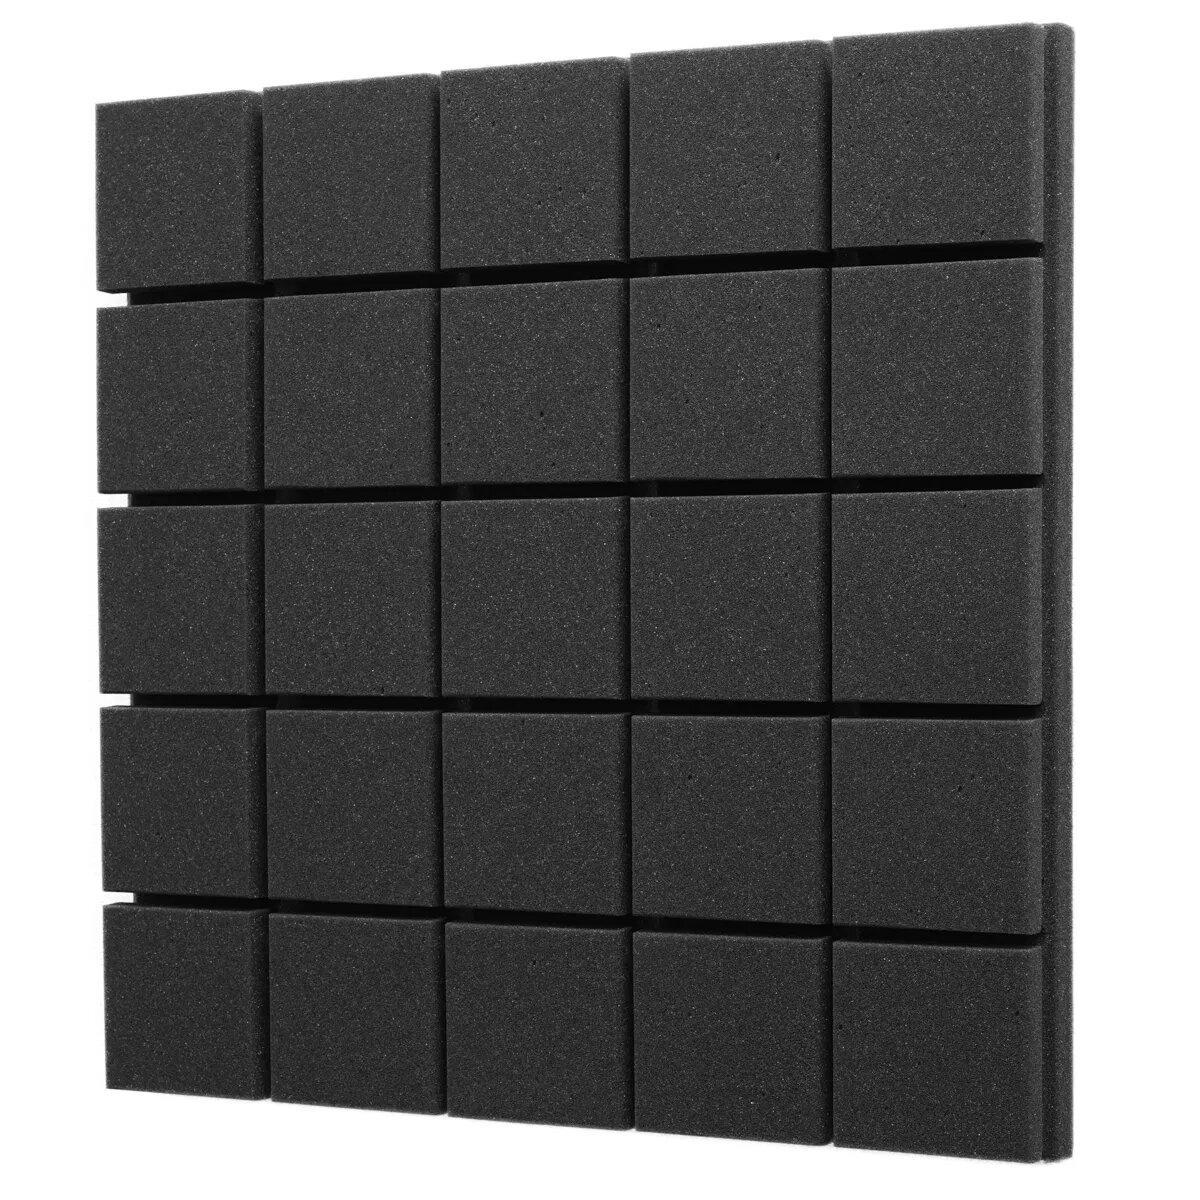 Панель из акустического поролона «Плитка» EchoFom Standart Черный графит 500х500х30 или 500х500х50